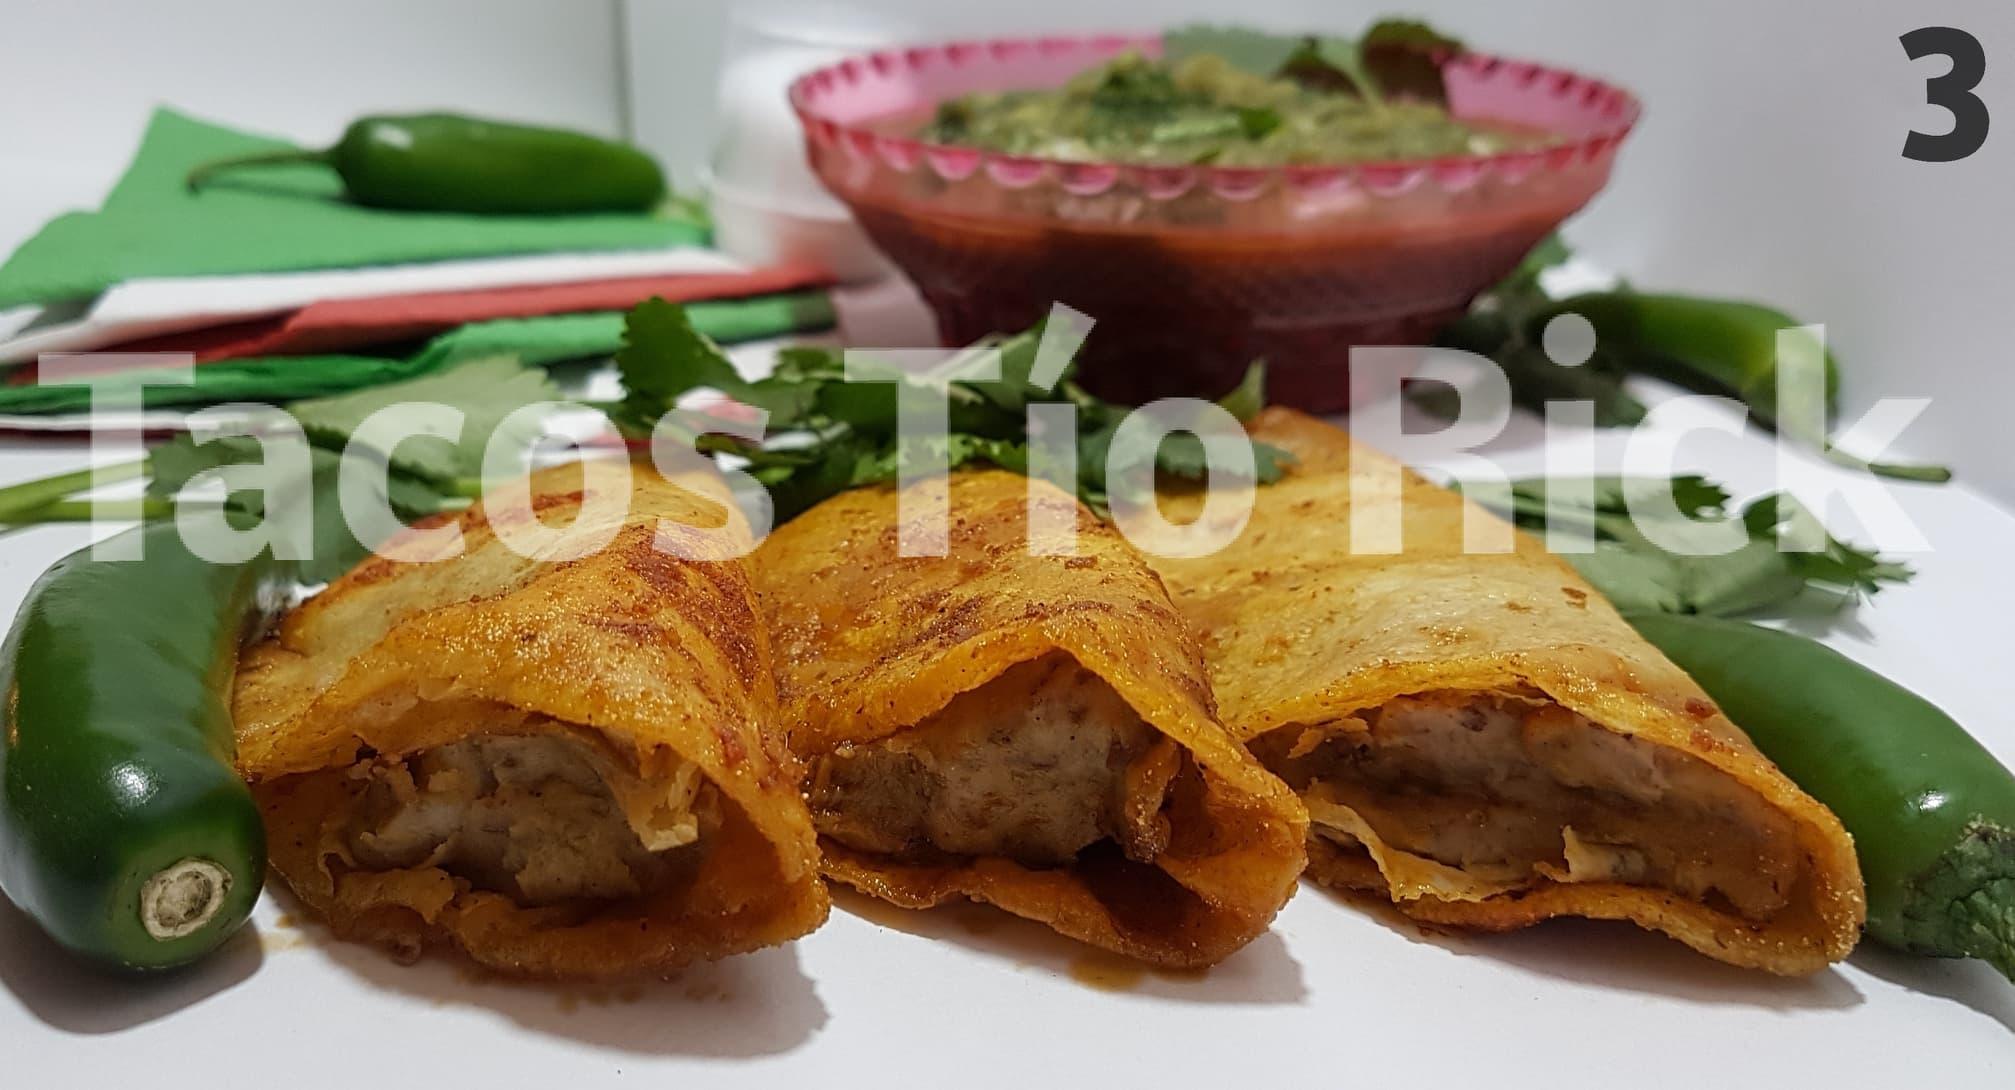 Tacos #13.3